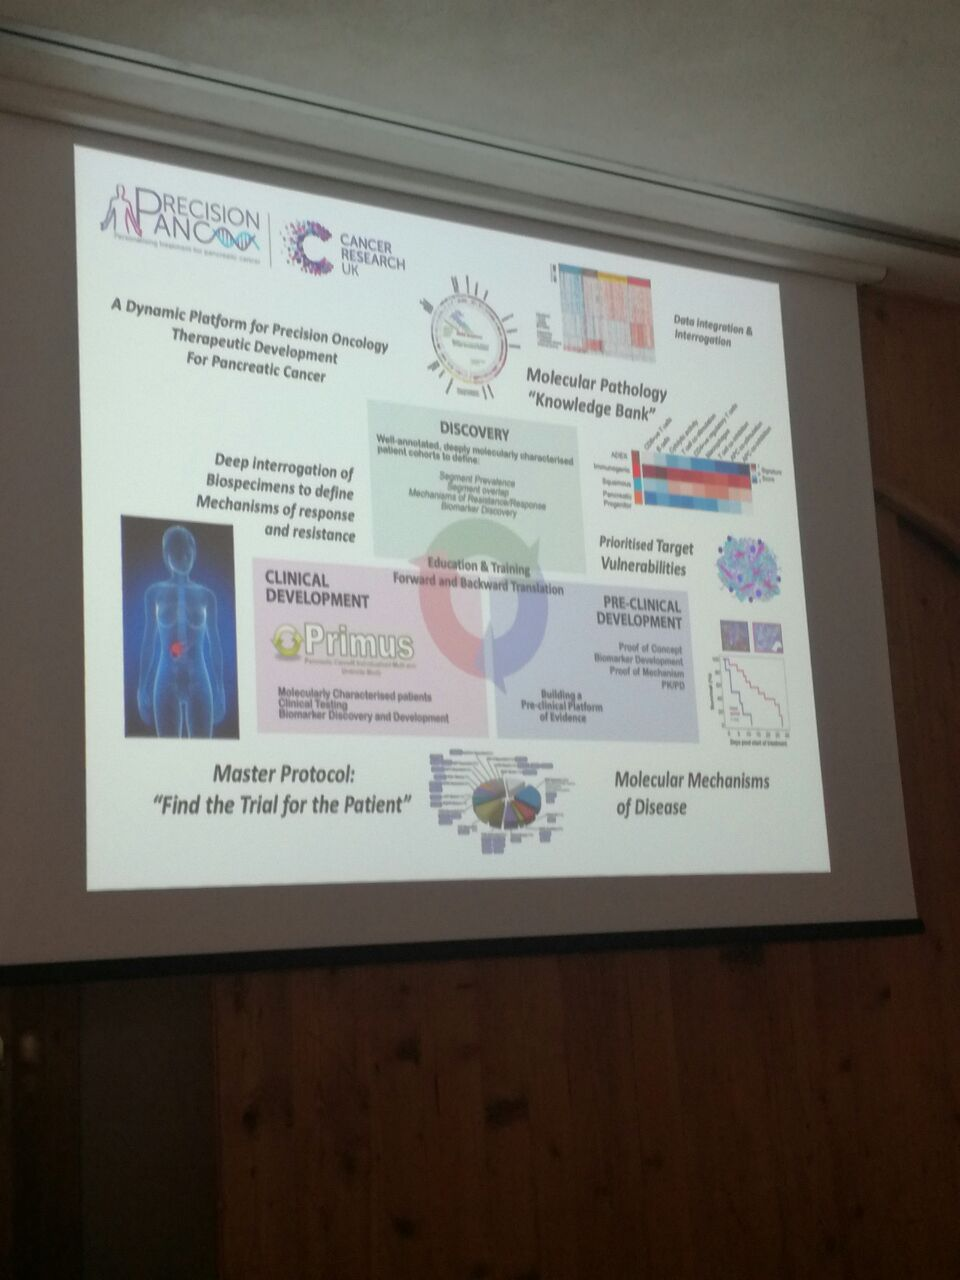 Μοριακή Βιολογία & Καρκίνος Παγκρέατος